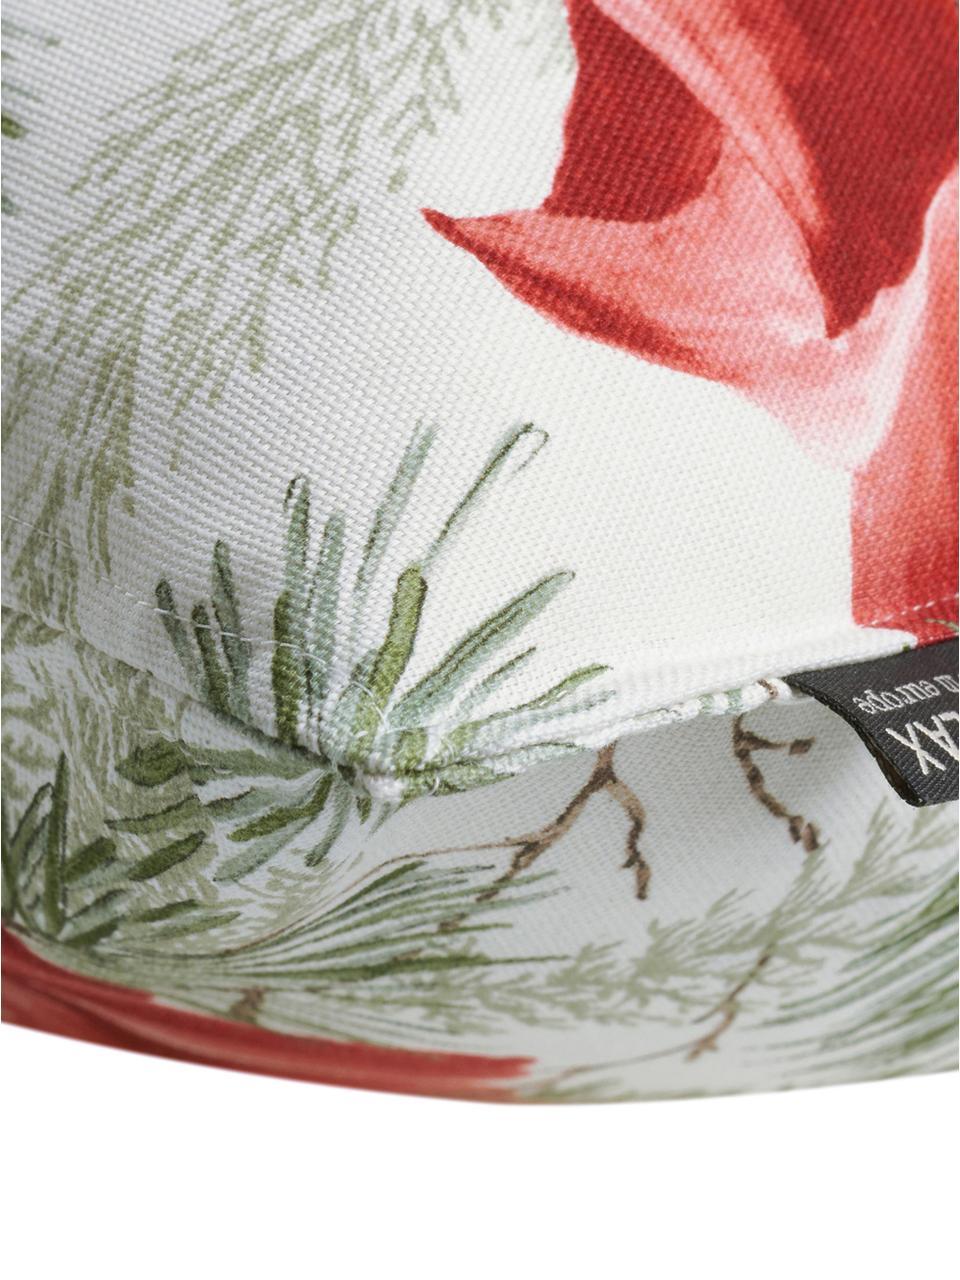 Federa arredo con motivo floreale Amara, Cotone, Bianco, rosso, verde, Larg. 50 x Lung. 50 cm